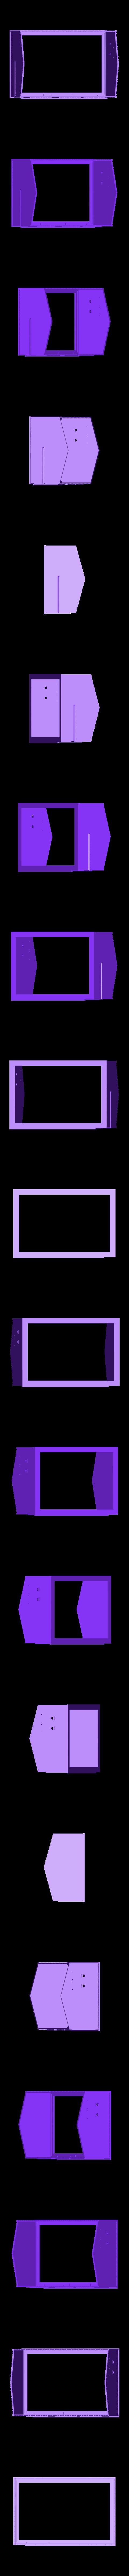 Warehouse_Walls_with_siding.stl Télécharger fichier STL gratuit Opérations de triage à l'échelle HO • Design imprimable en 3D, kabrumble